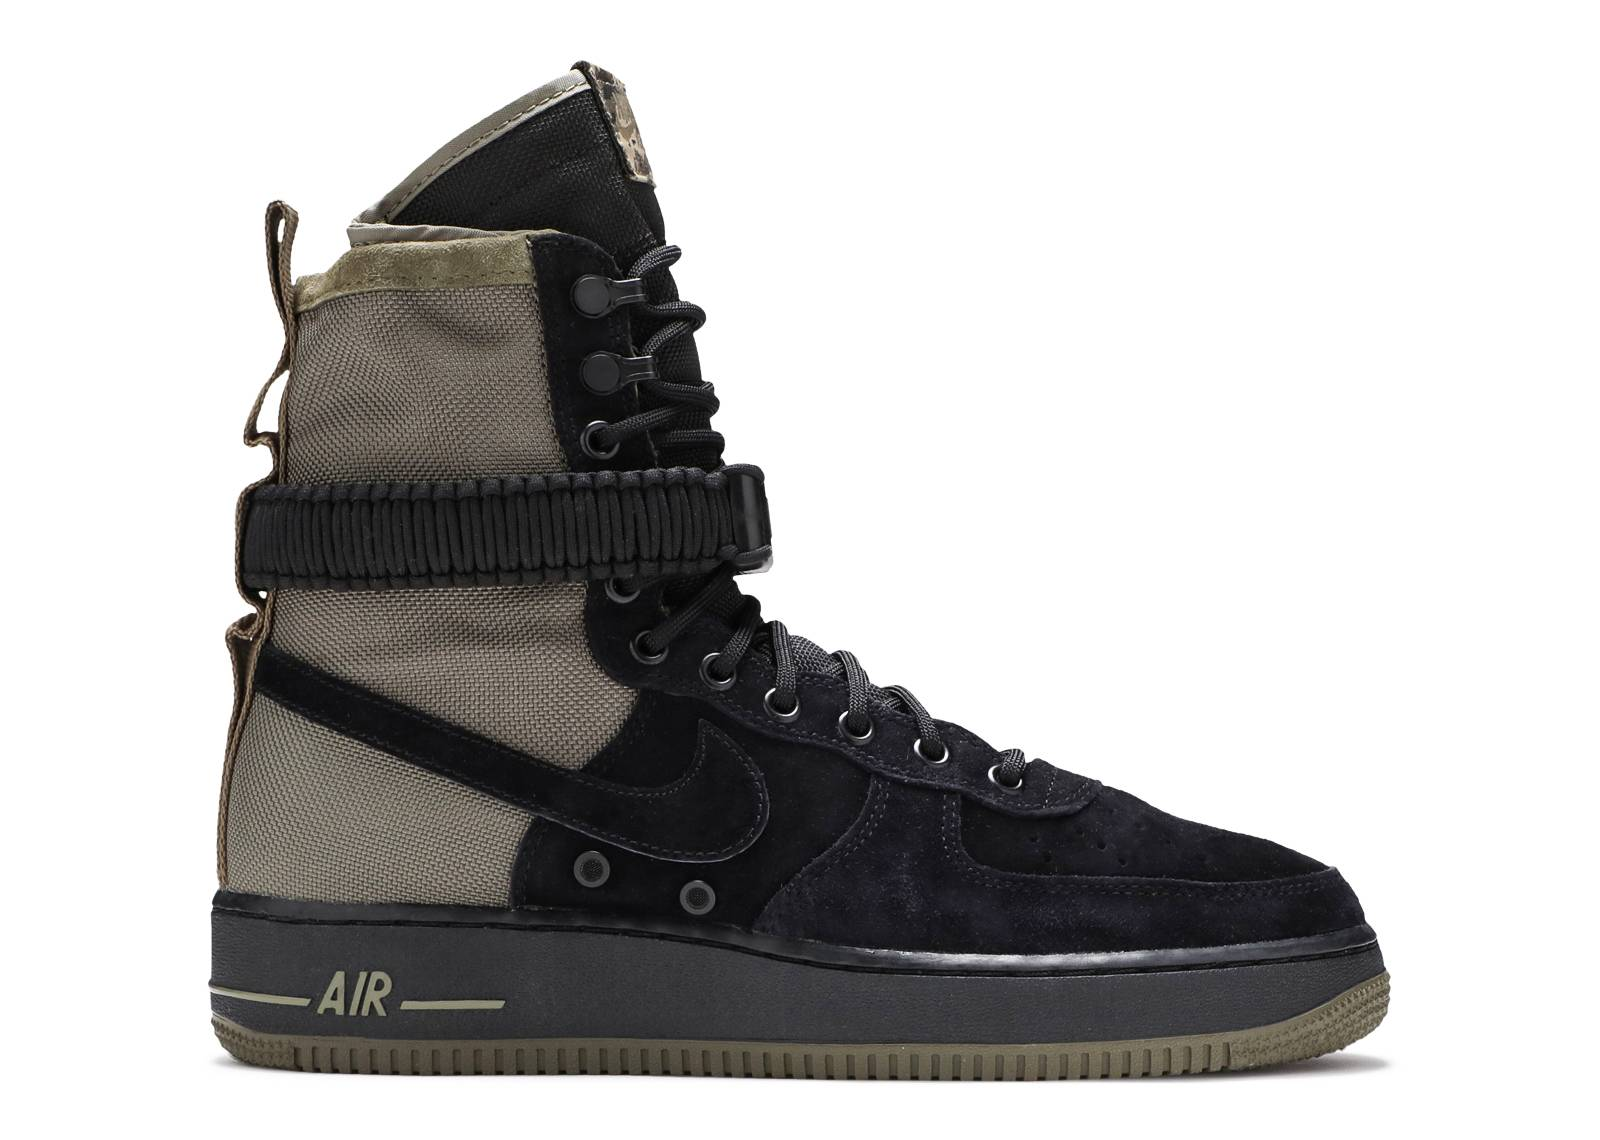 4b8090808b Sf Af1 - Nike - 864024 004 - black/black - medium olive | Flight Club